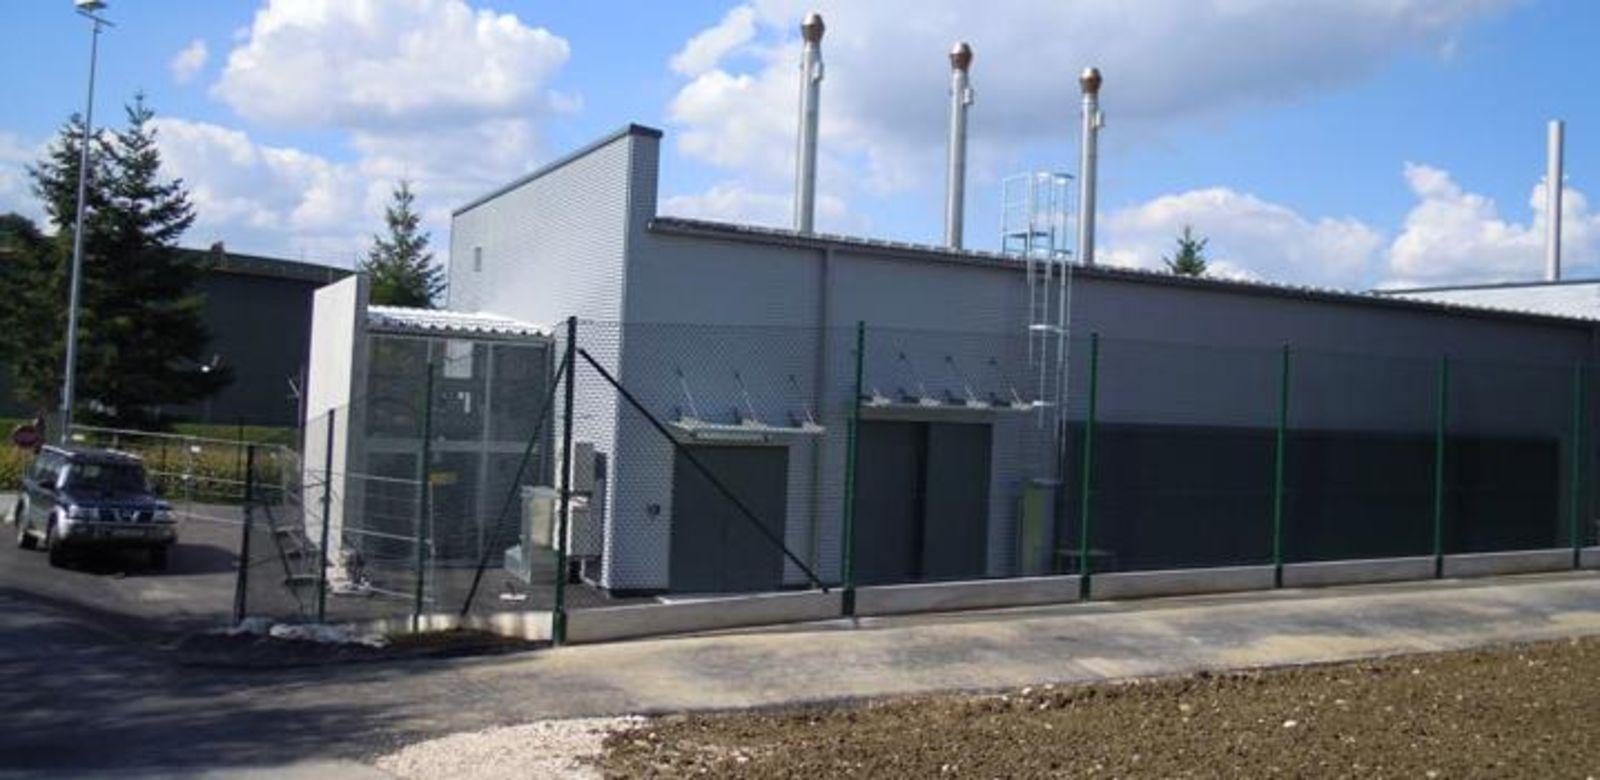 Blockheizkraftwerk Krift